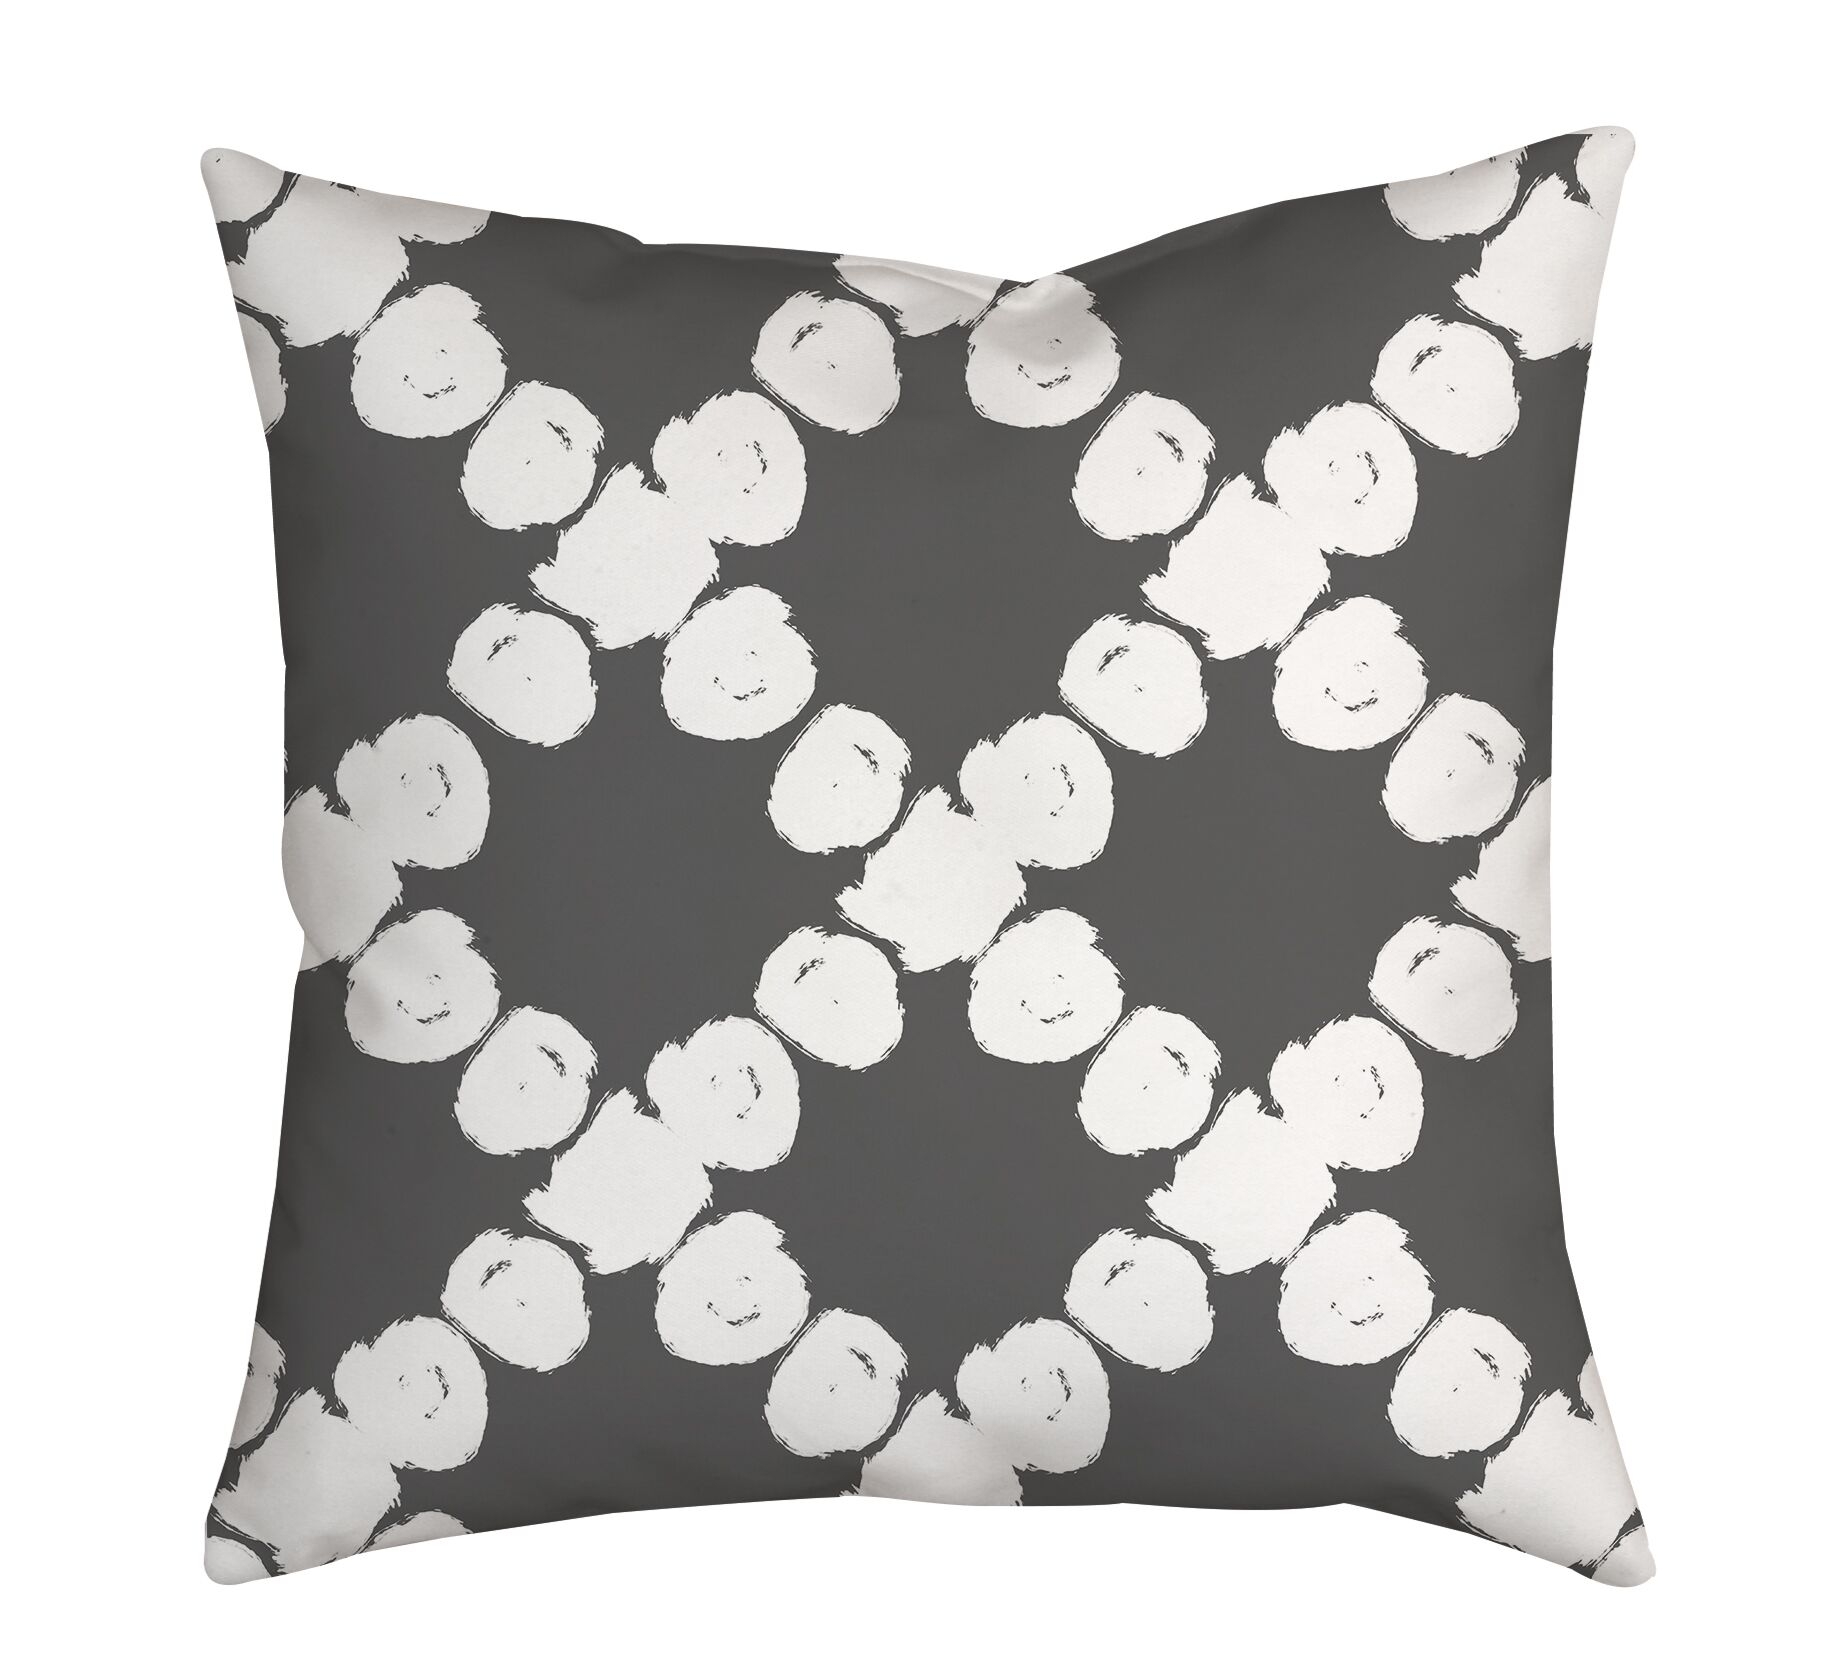 Round the Way Polka Dot Polyester Throw Pillow